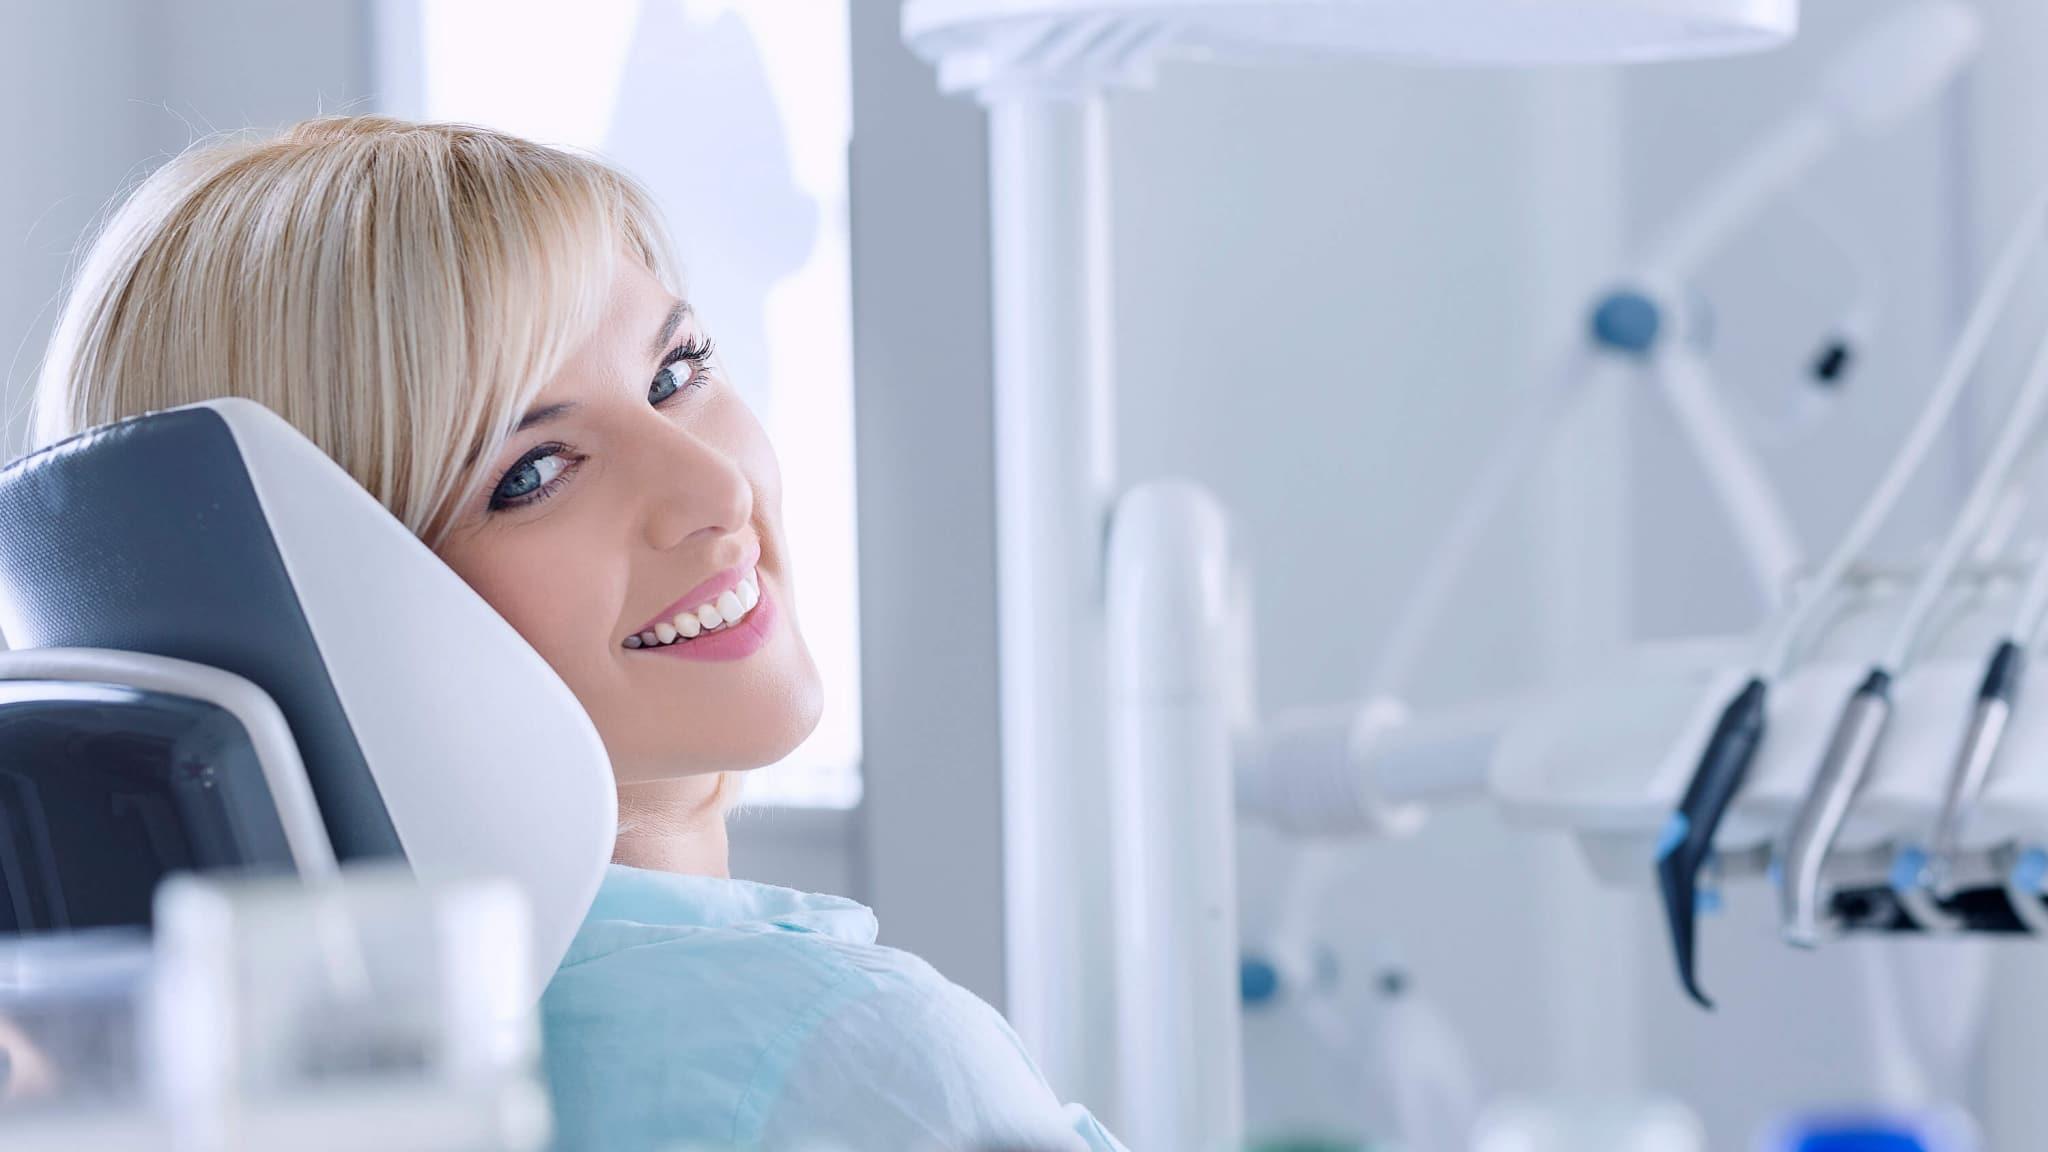 Frau auf Zahnarzt-Behandlungsstuhll vor Beratung zum Behandlungsablauf